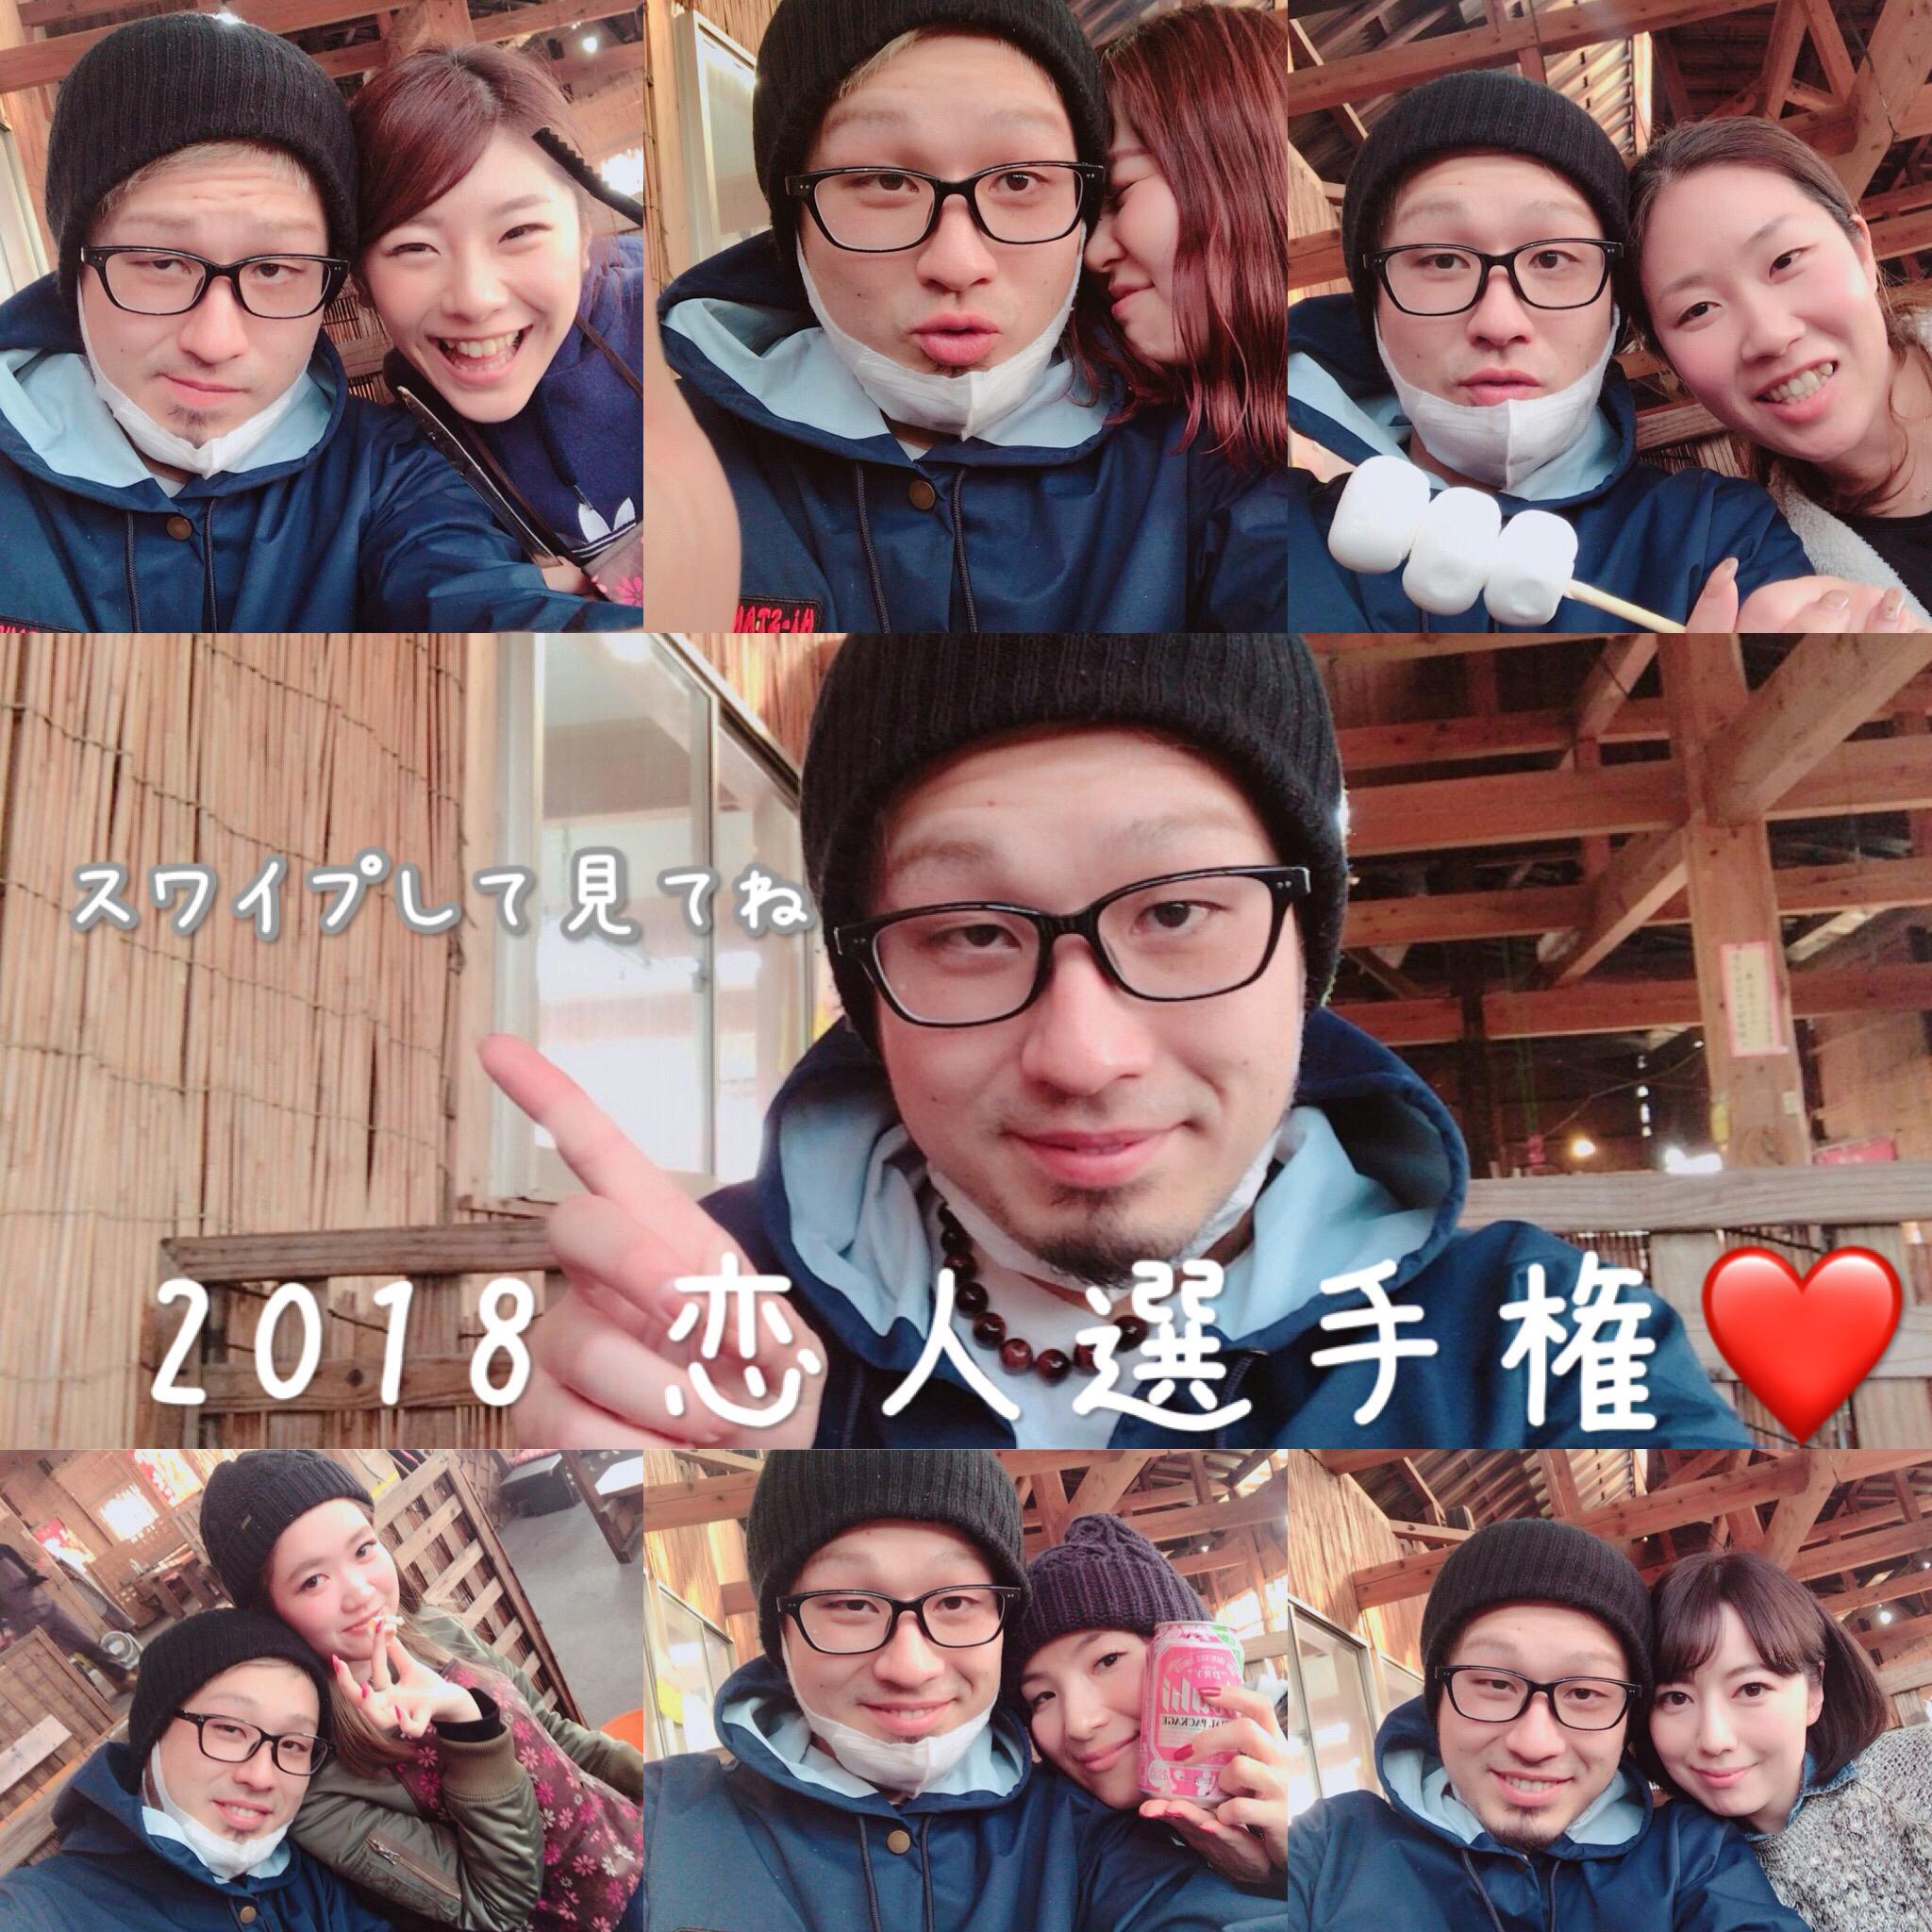 【毎年恒例】恋人選手権2018@牡蠣小屋部